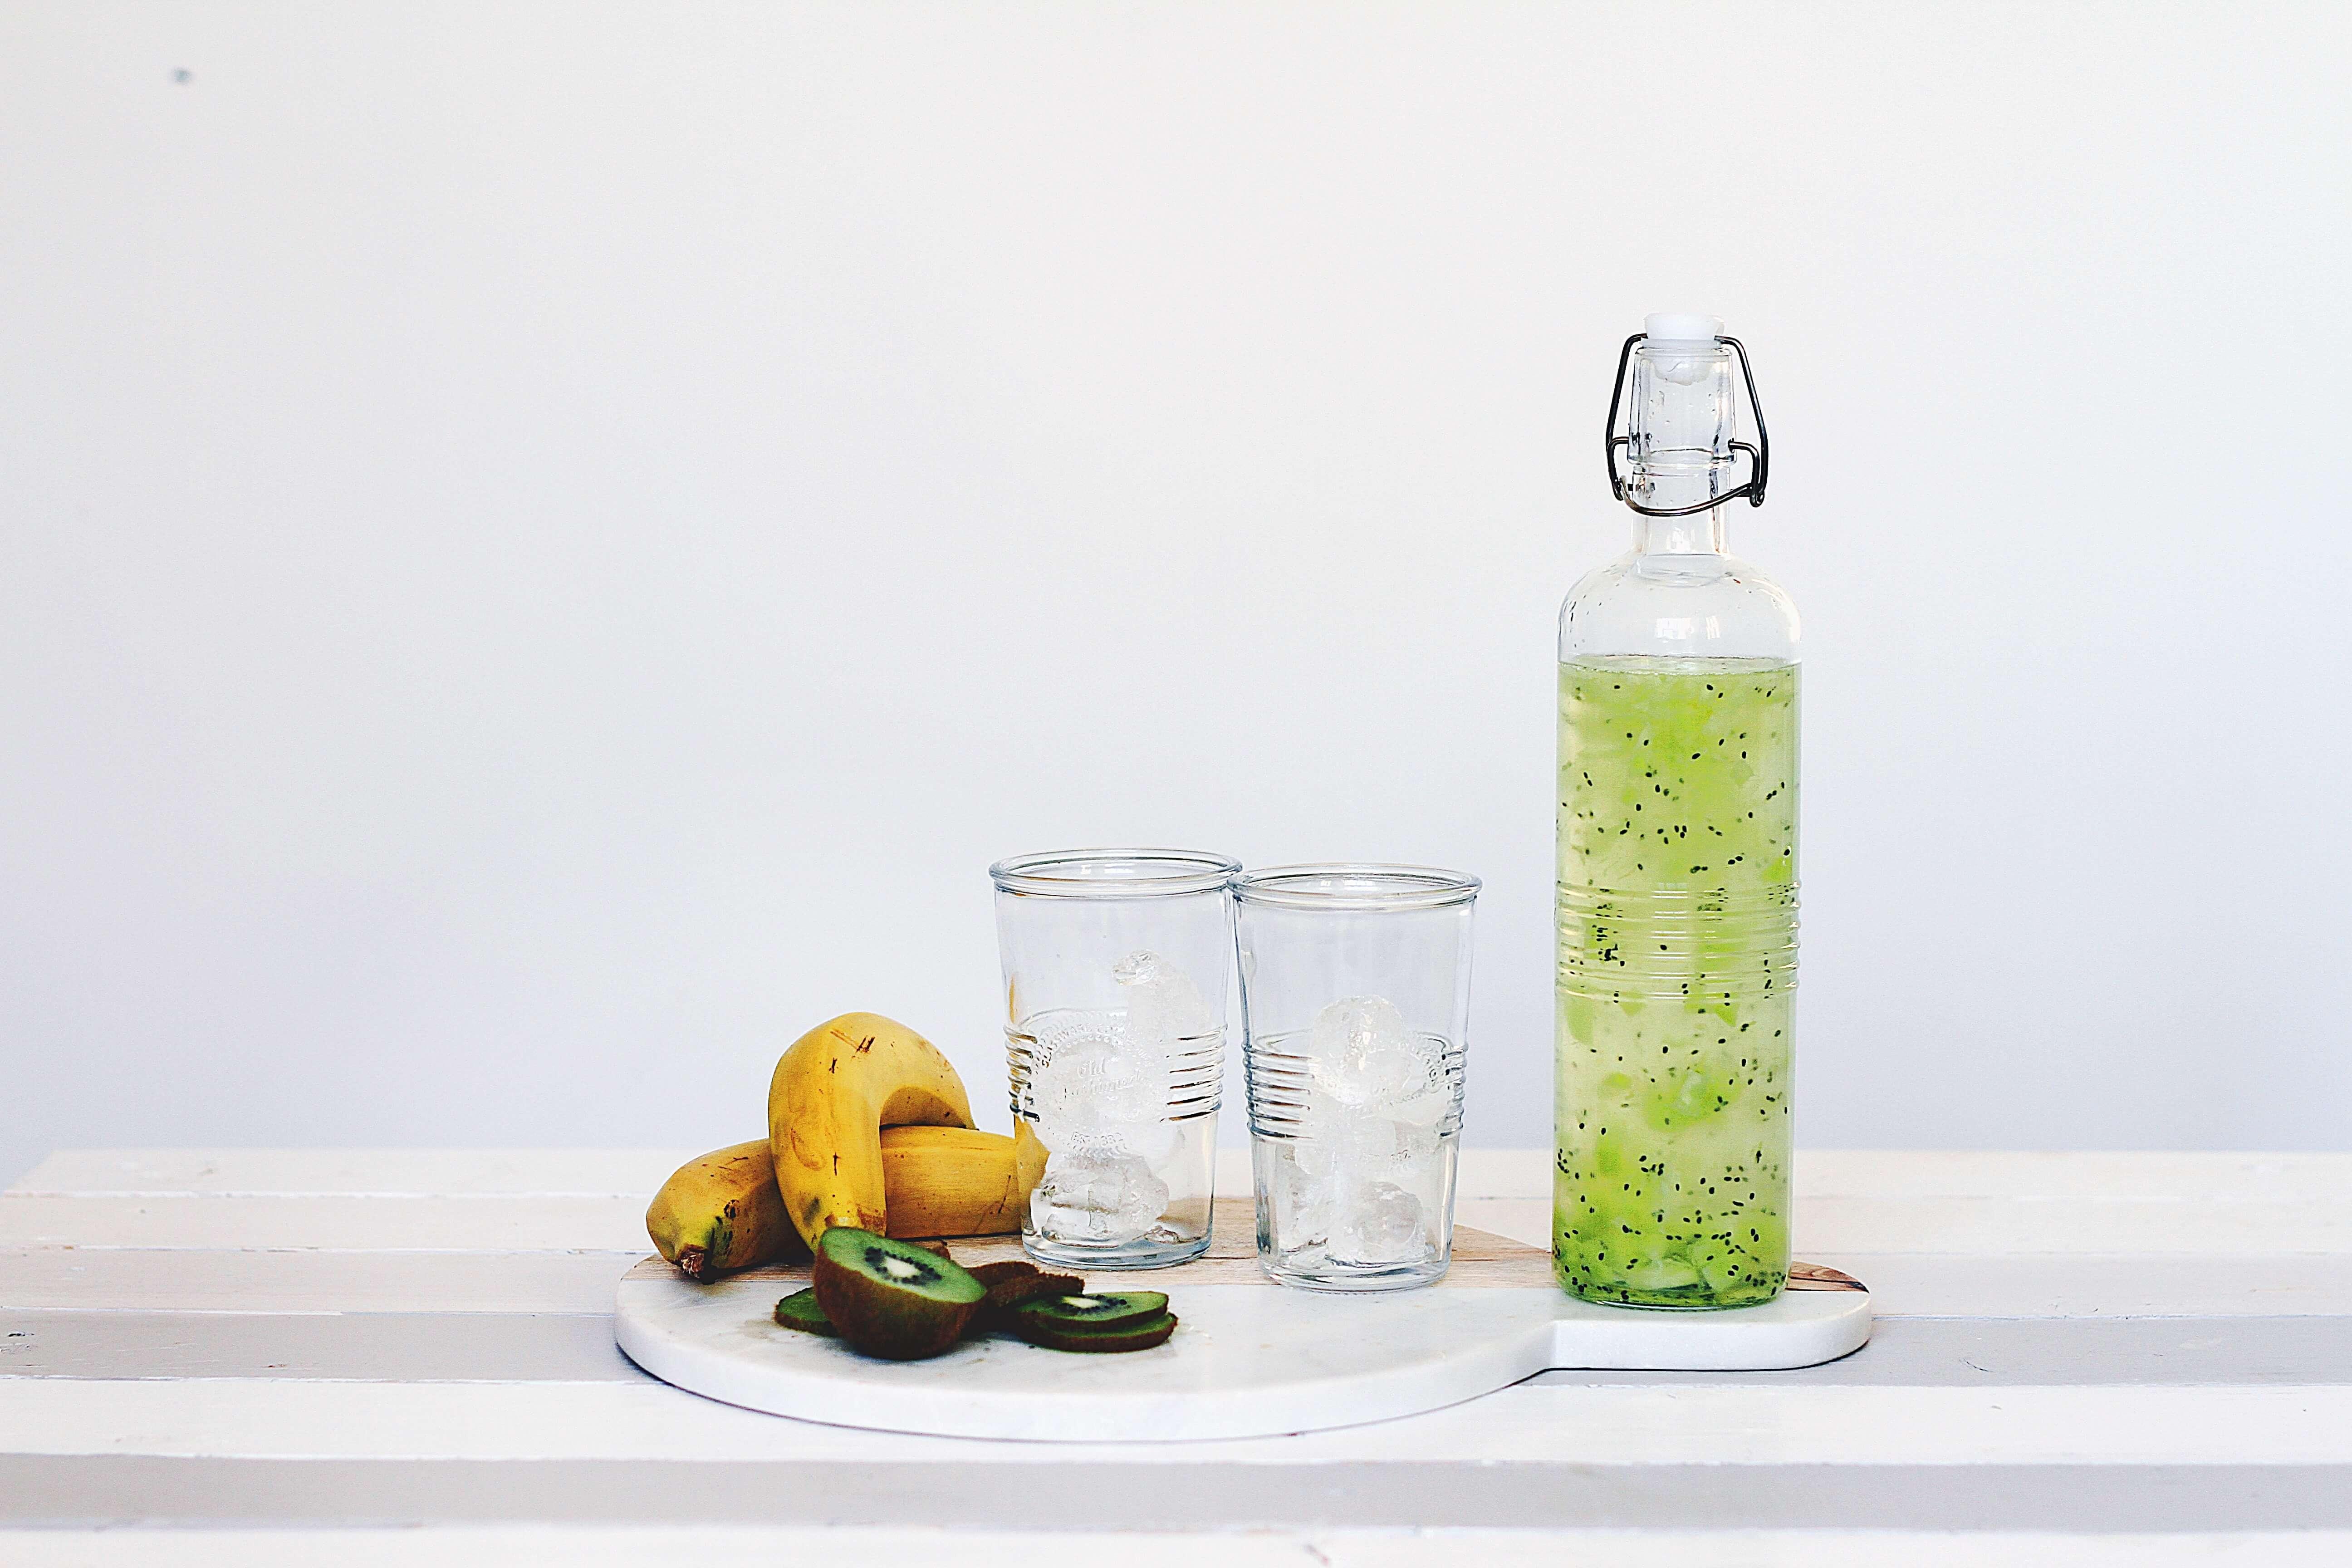 Рецепты очищения организма от шлаков и токсинов в домашних 60